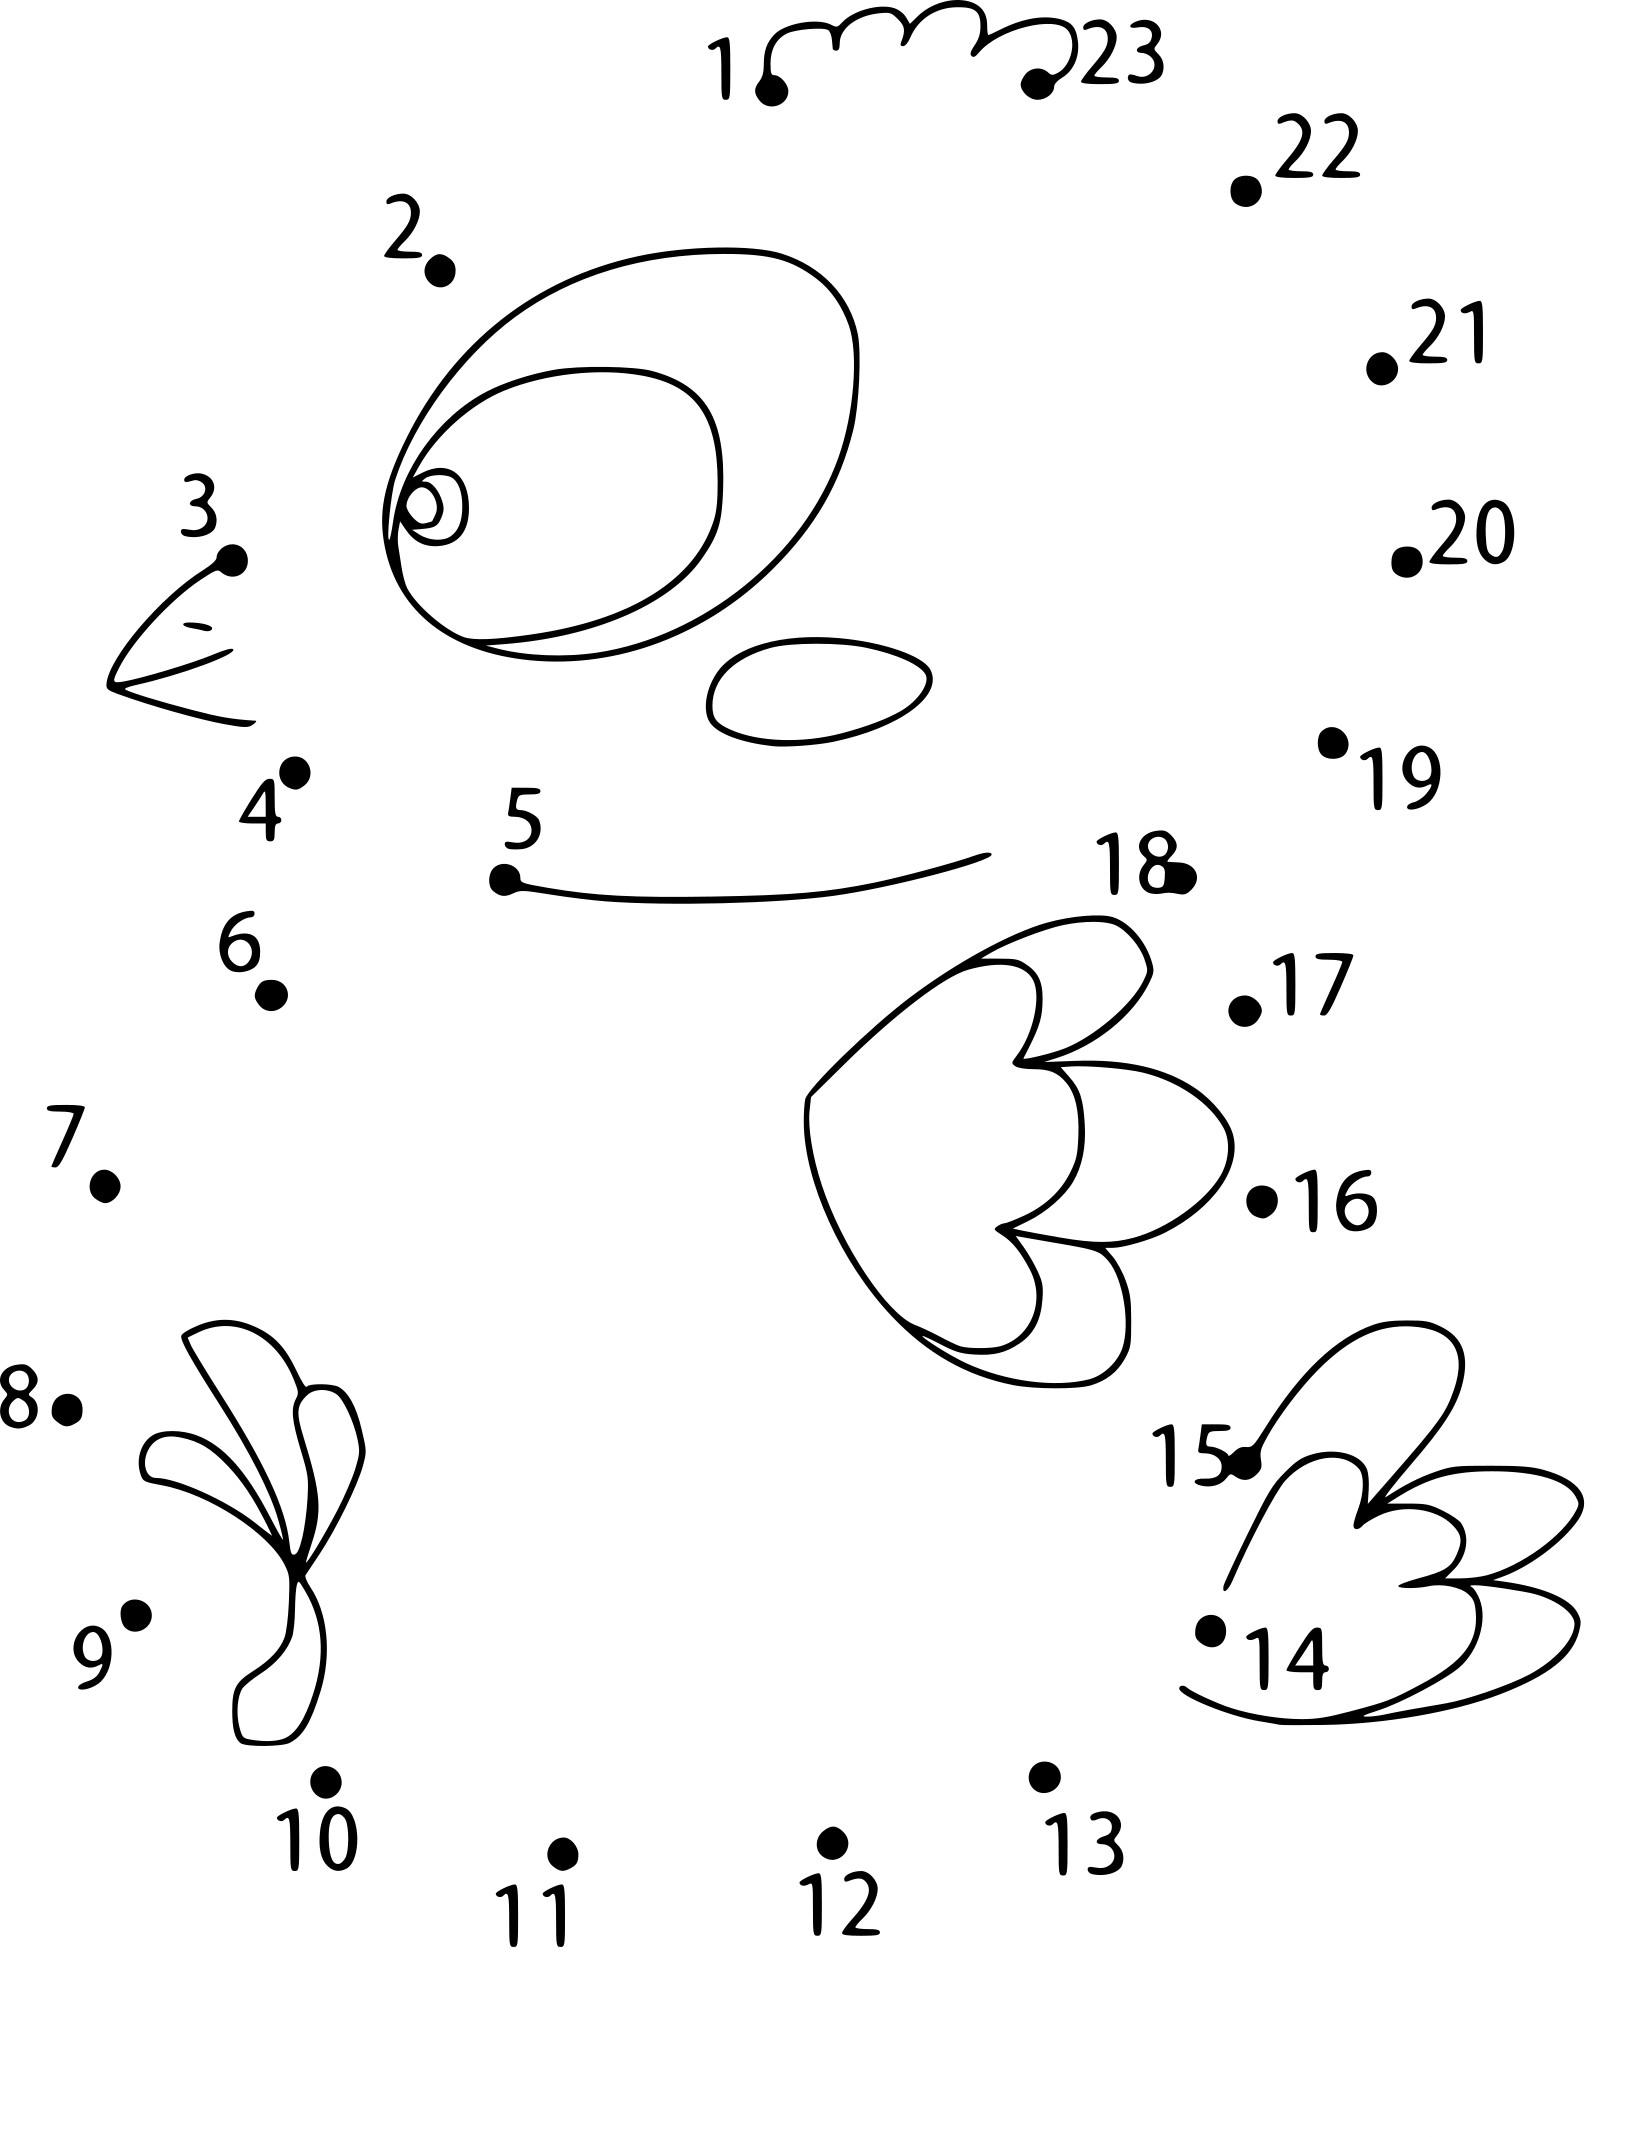 Coloriage point relier oiseau a imprimer - Point a relier a imprimer ...